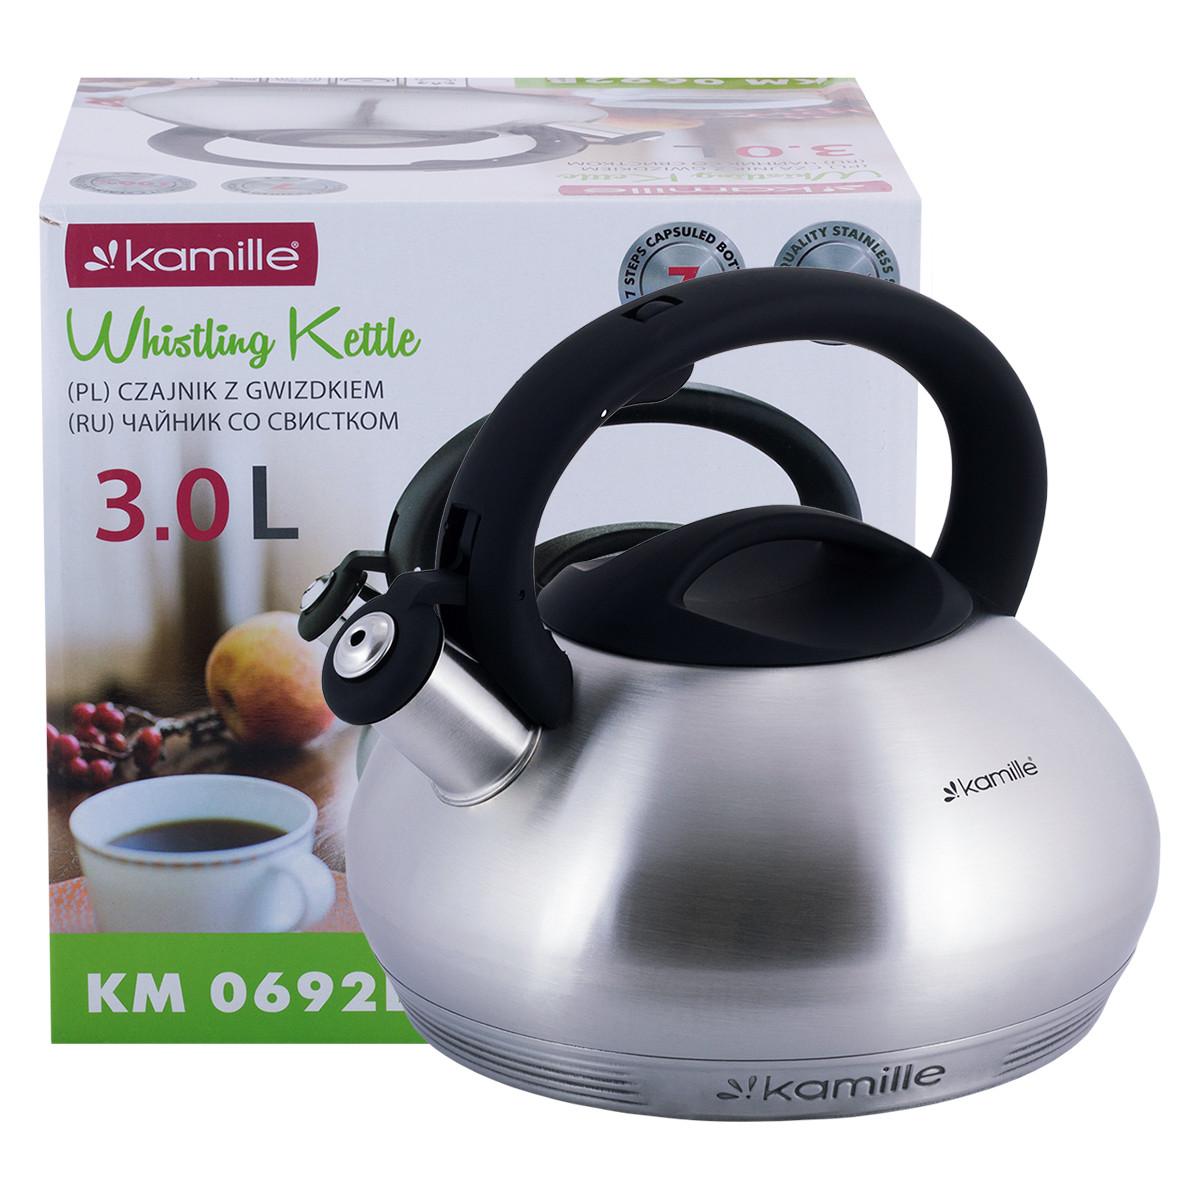 Чайник Kamille 3л из нержавеющей стали со свистком и черной бакелитовой ручкой для индукции и газа KM-0692B